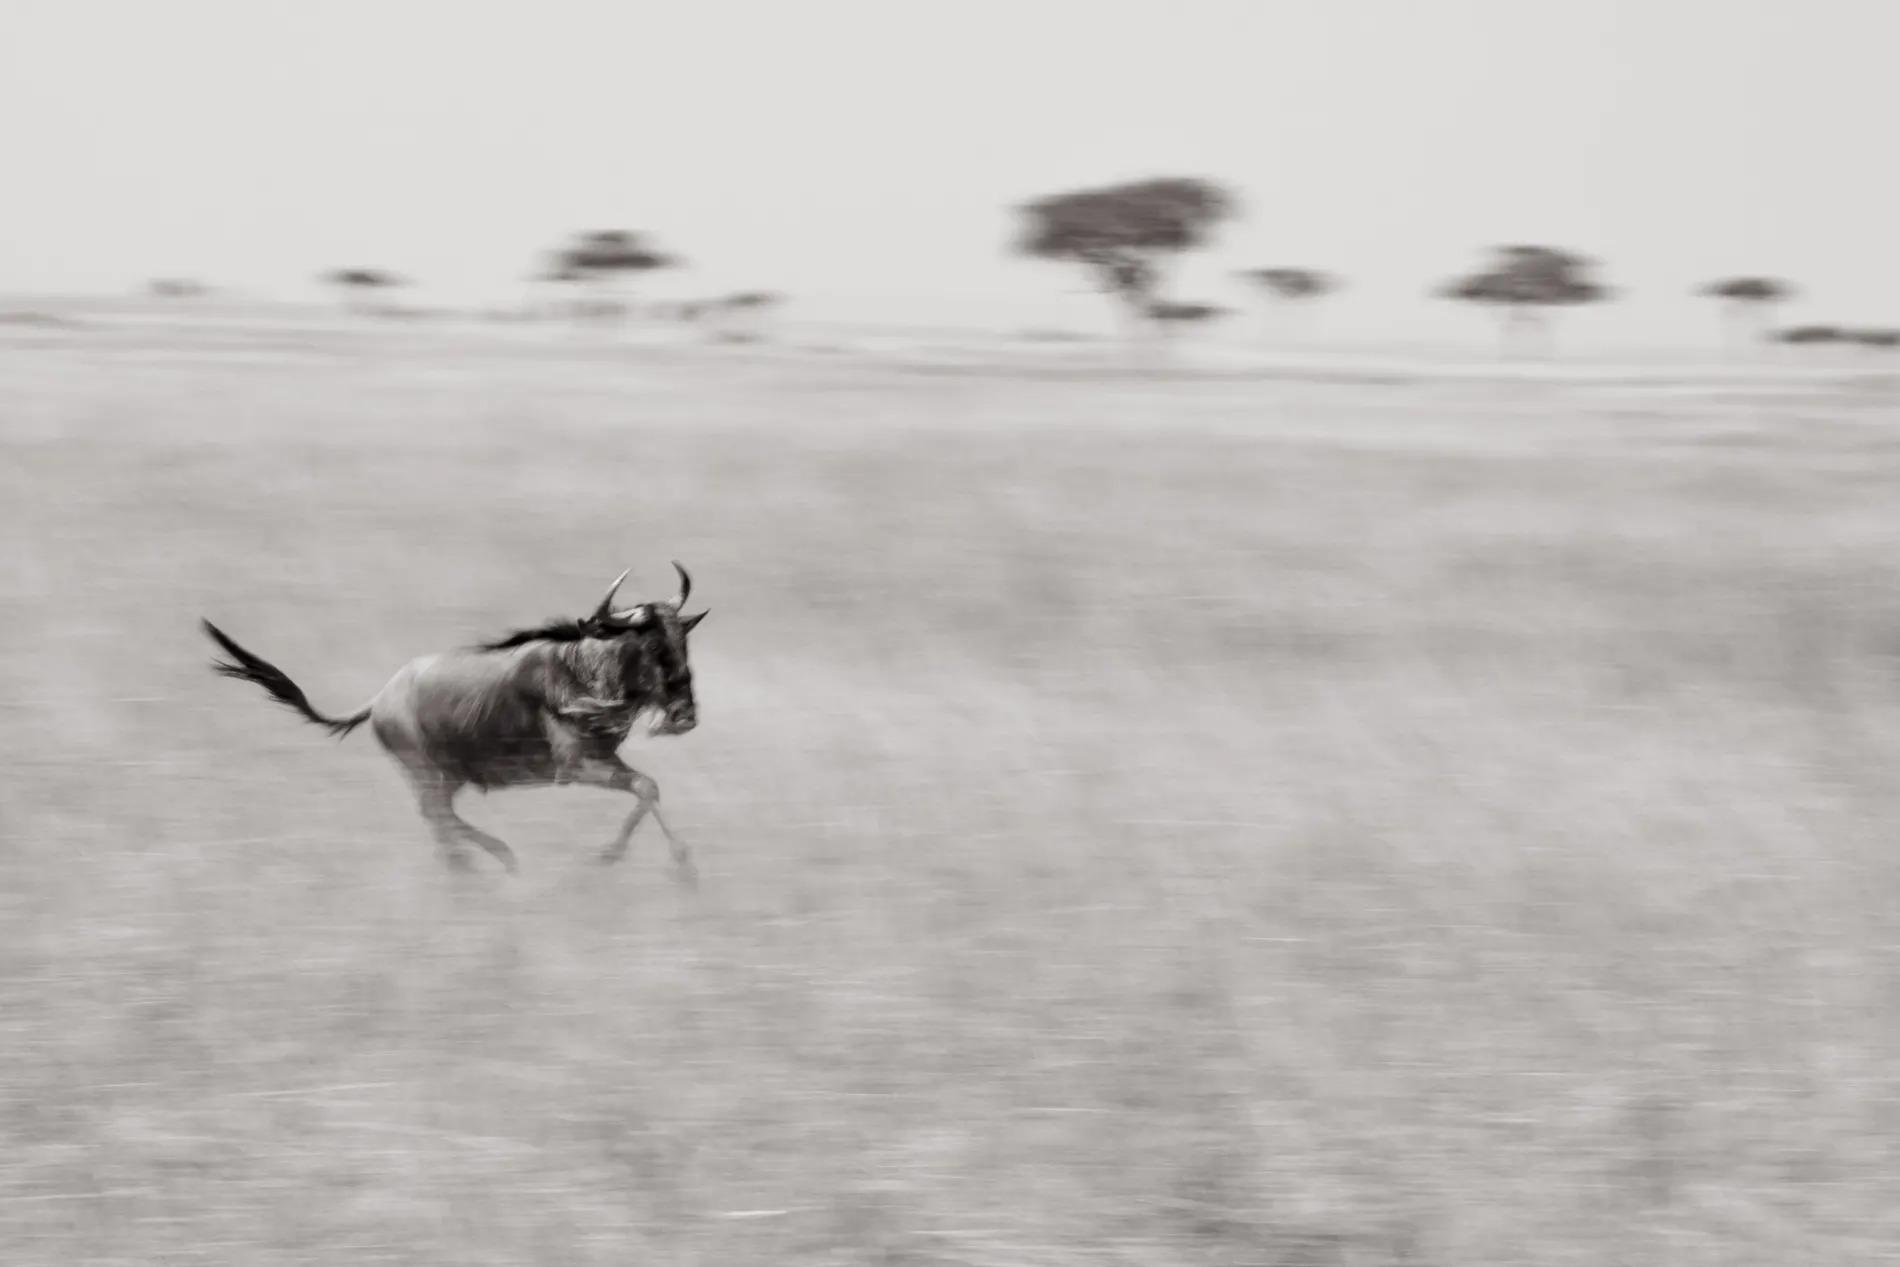 Lone wildebeest blur